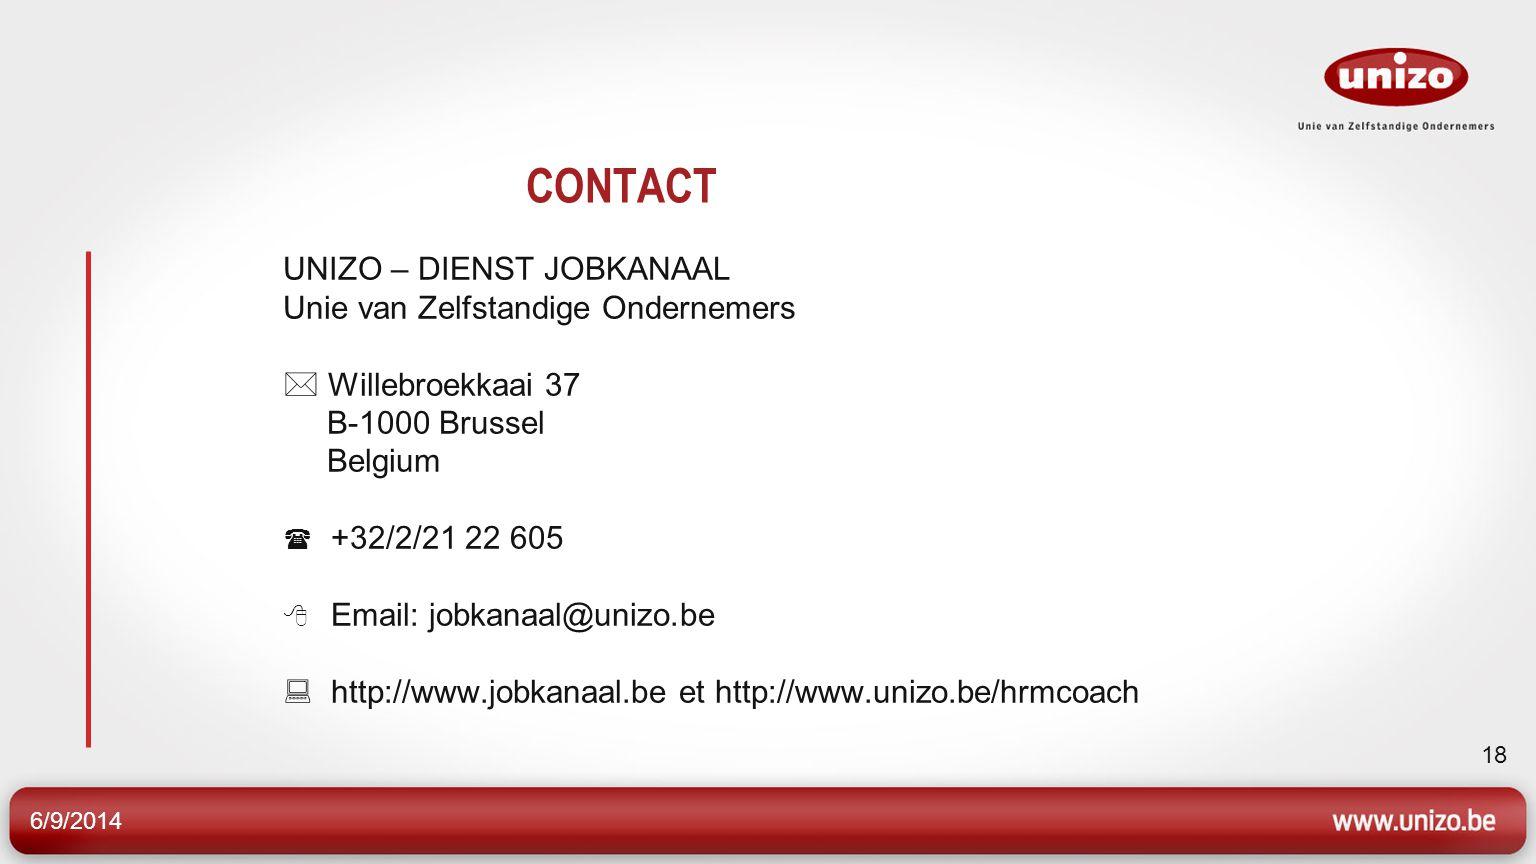 6/9/2014 18 CONTACT UNIZO – DIENST JOBKANAAL Unie van Zelfstandige Ondernemers Willebroekkaai 37 B-1000 Brussel Belgium +32/2/21 22 605 Email: jobkanaal@unizo.be http://www.jobkanaal.be et http://www.unizo.be/hrmcoach